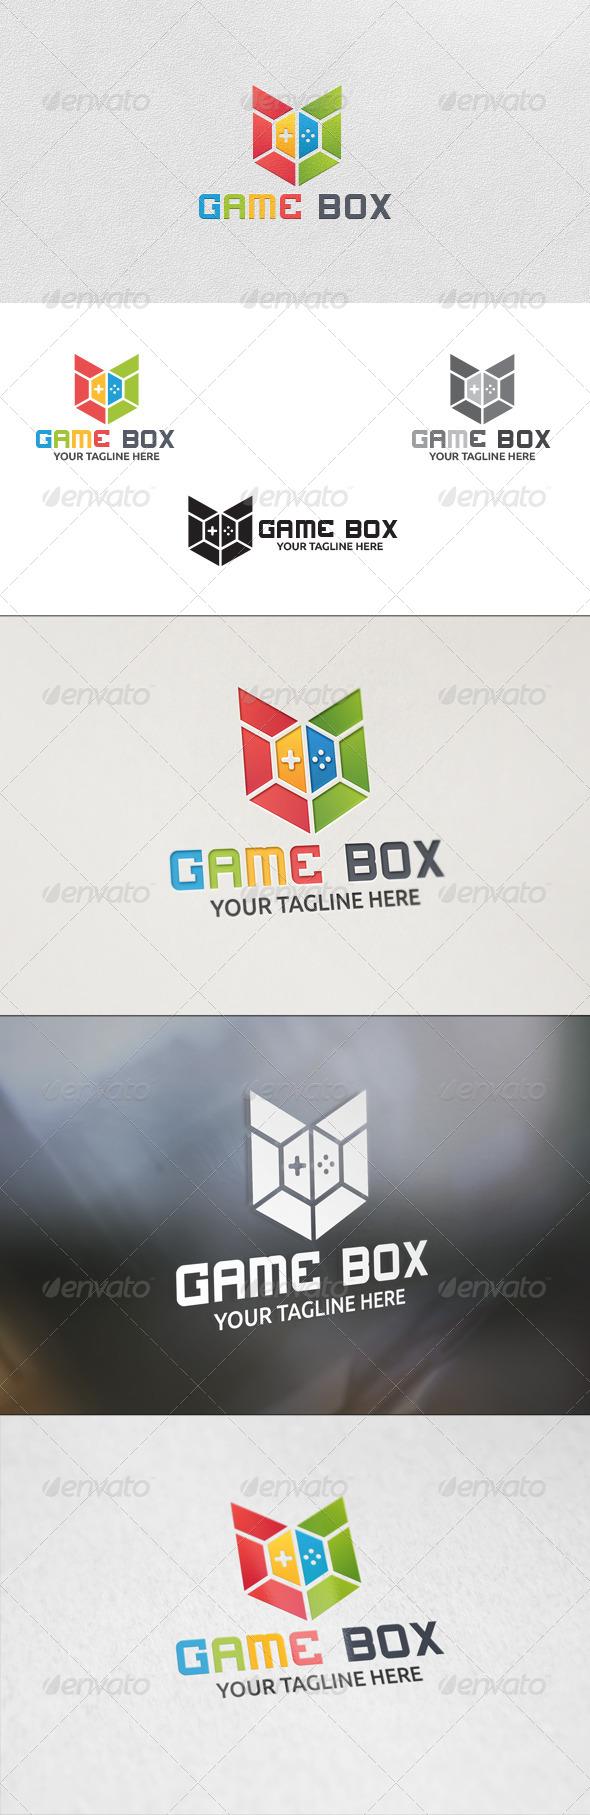 Game Box - Logo Template - Vector Abstract